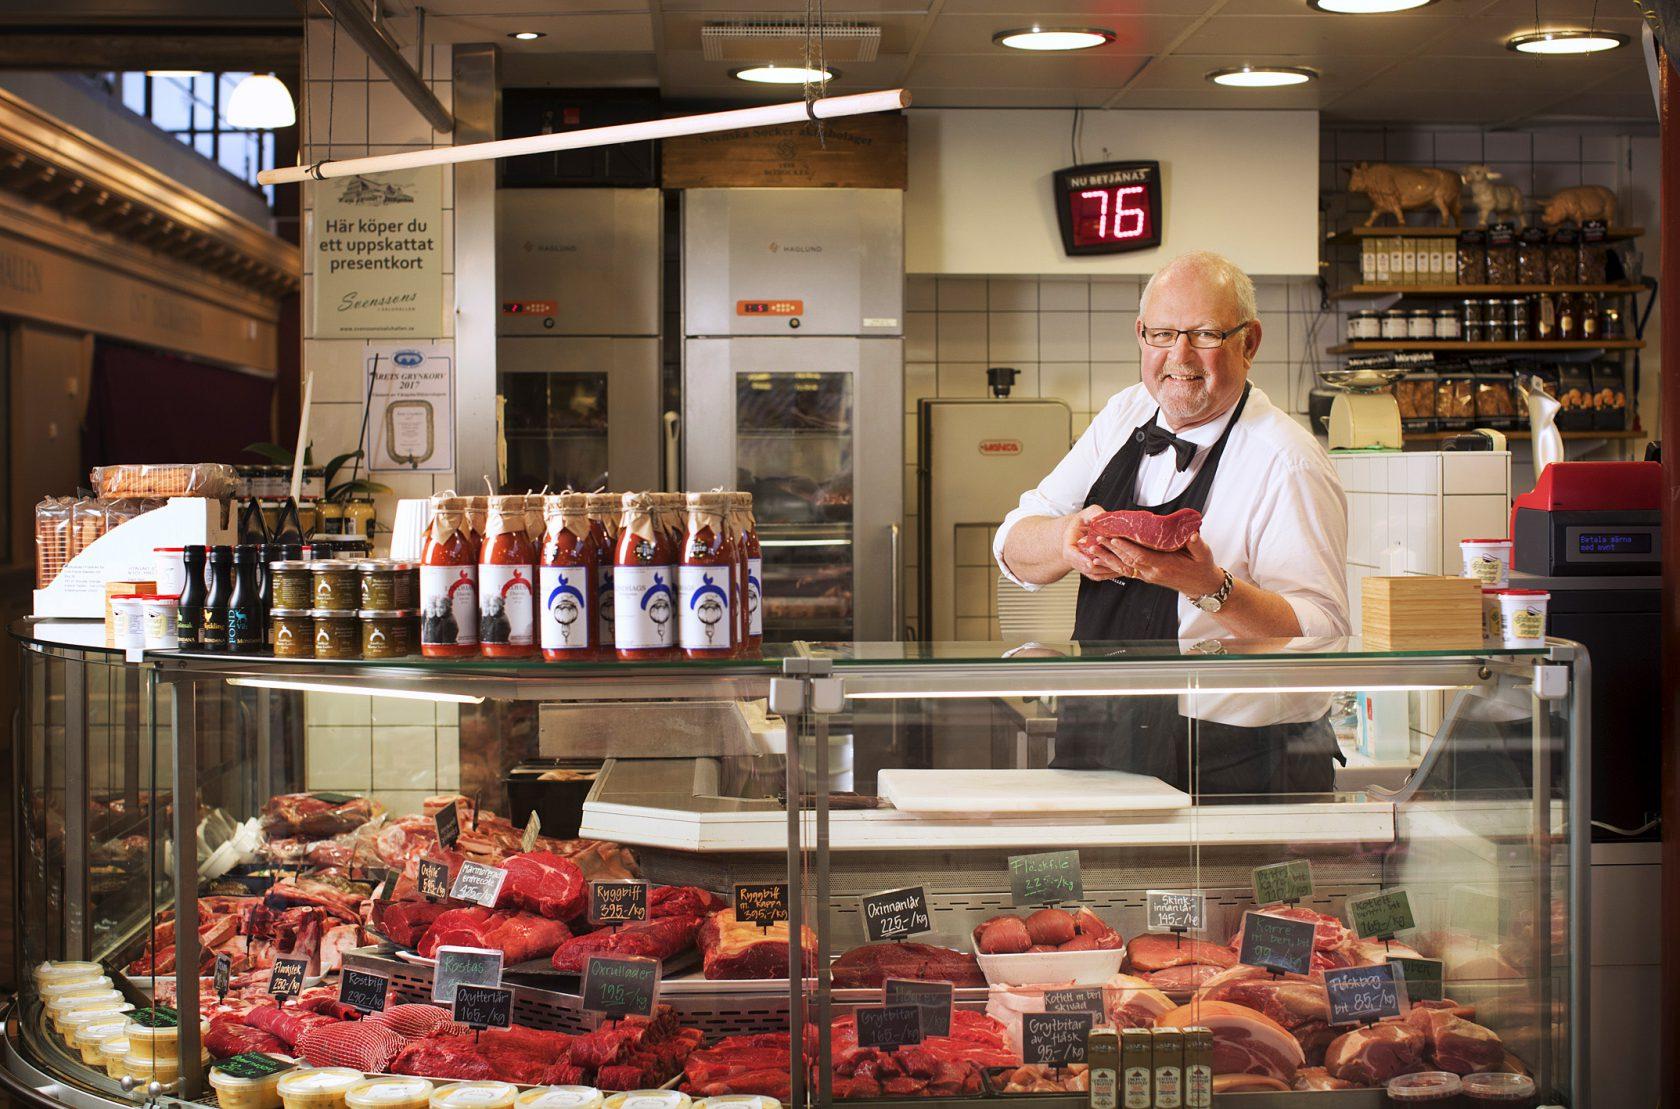 En man i personalen står bakom handlardisken med ett stycke kött i händerna.